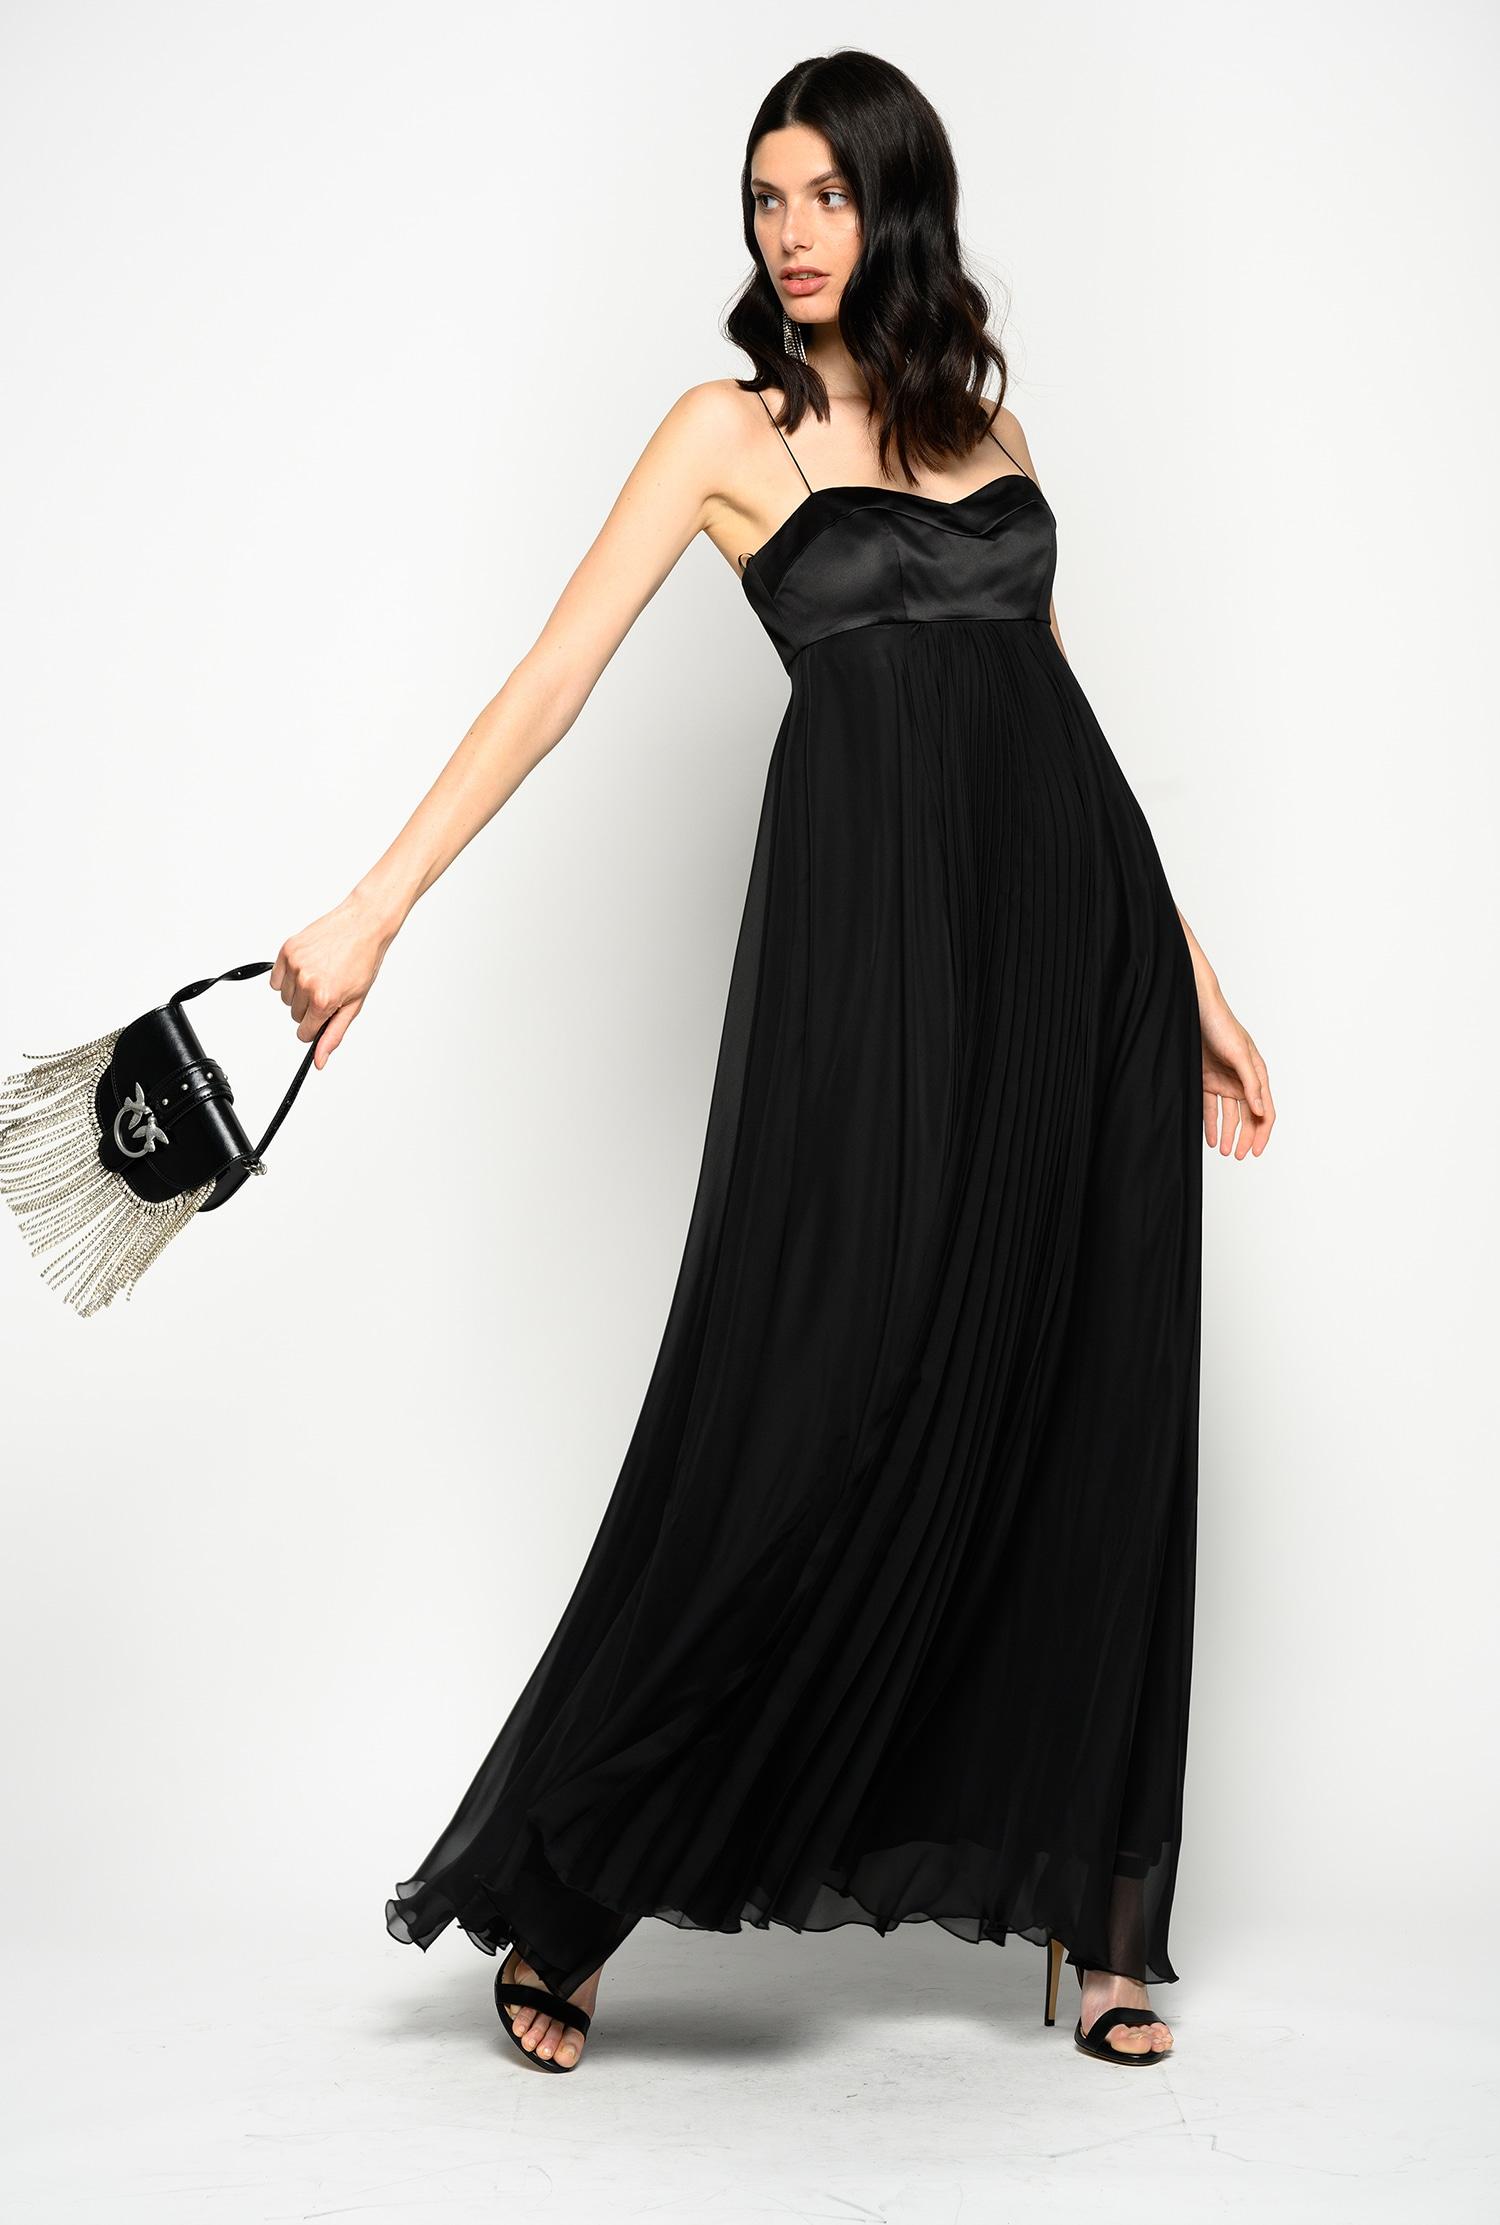 Flowing Sleeveless Chiffon Dress